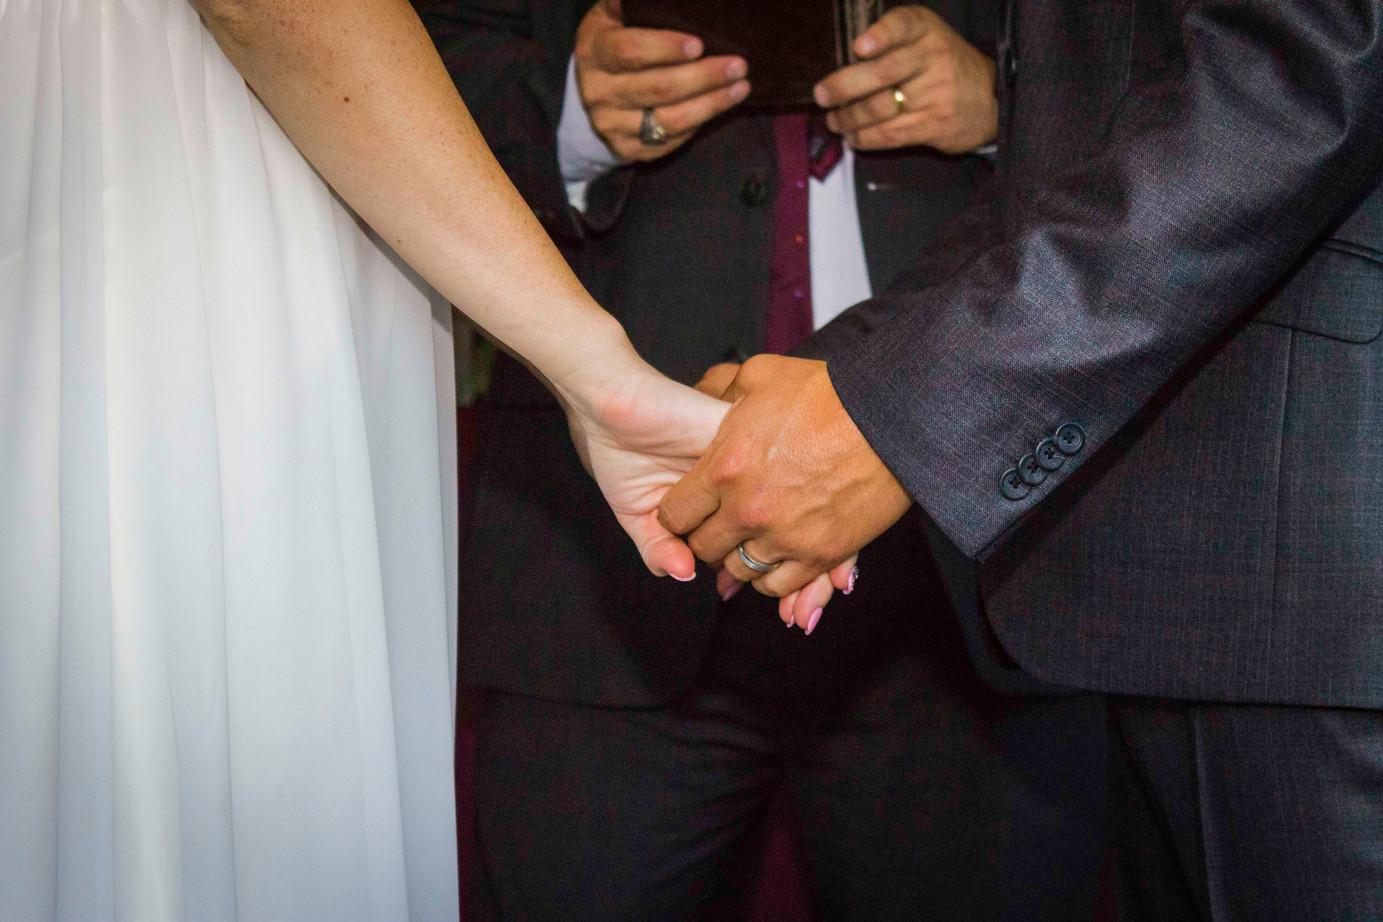 Mullins Wedding Photoshoot